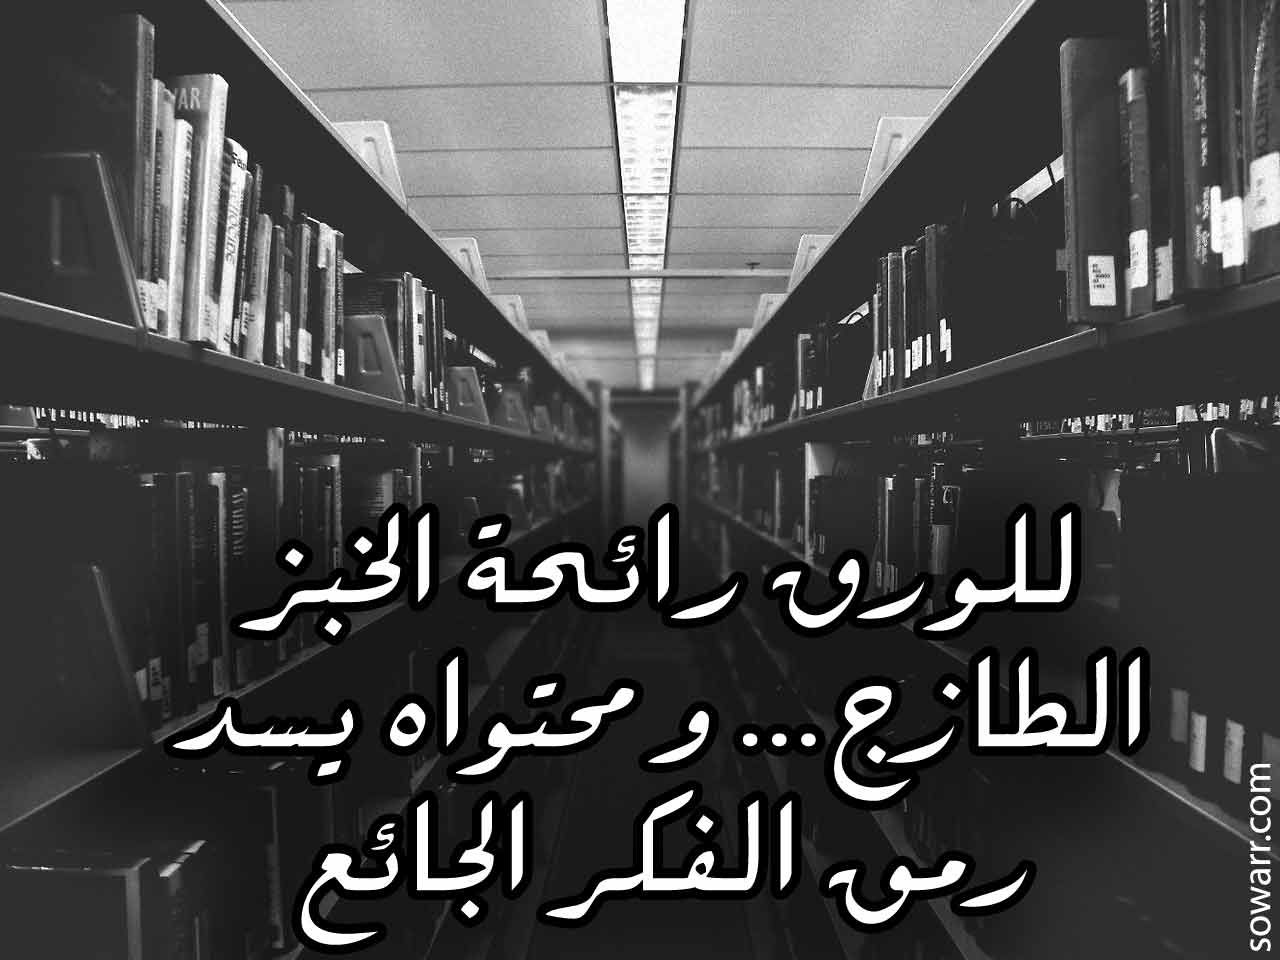 صور كلمات مميزة عن الكتب و القراءة Wise Quotes Book Quotes